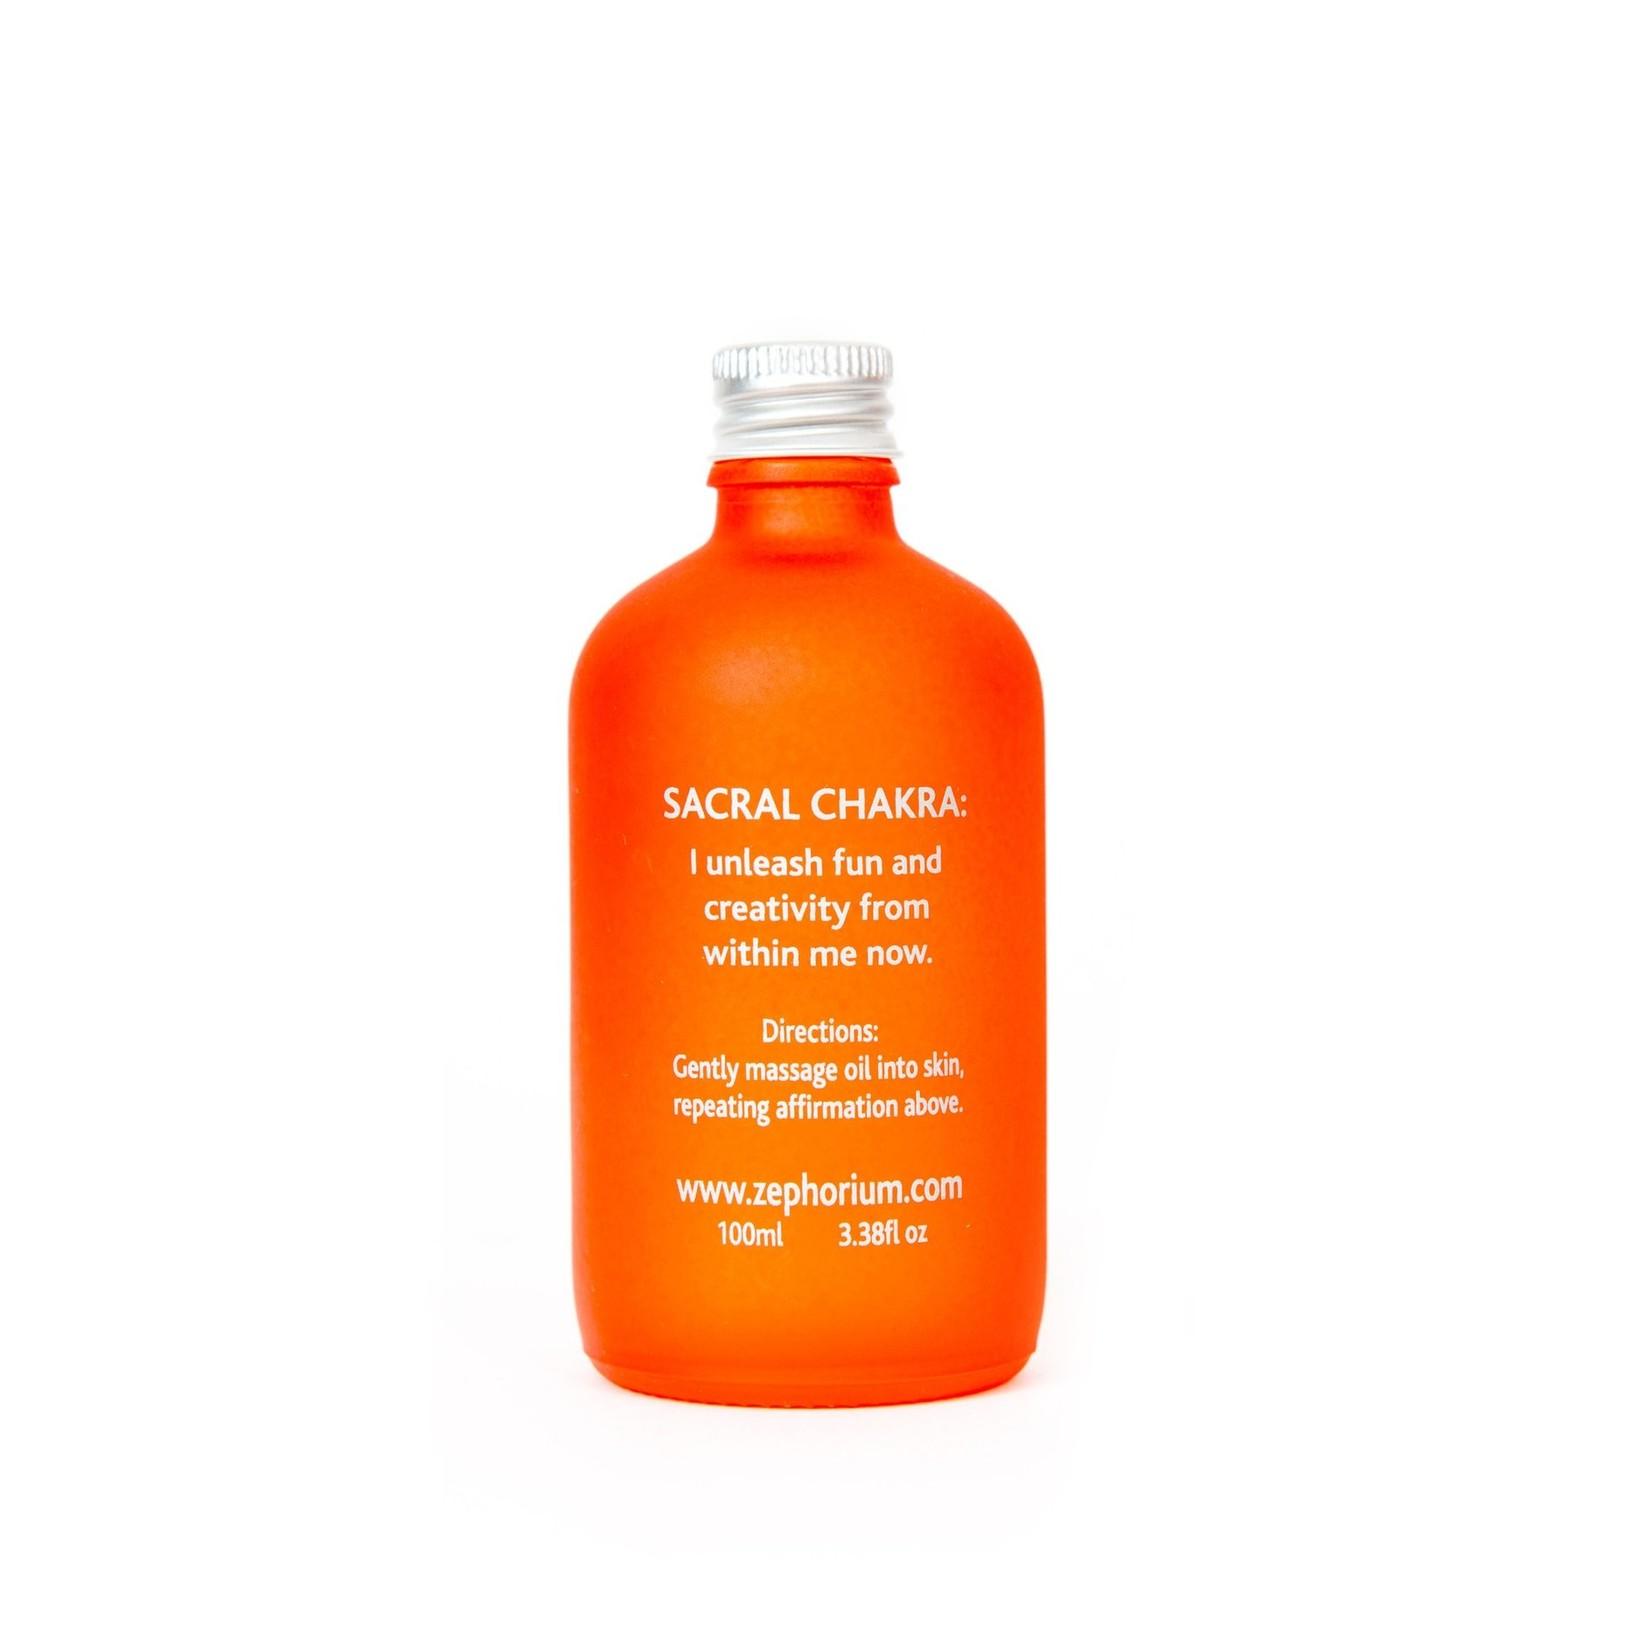 Zephorium Carnelian body & massage oil Zephorium - sacraal chakra